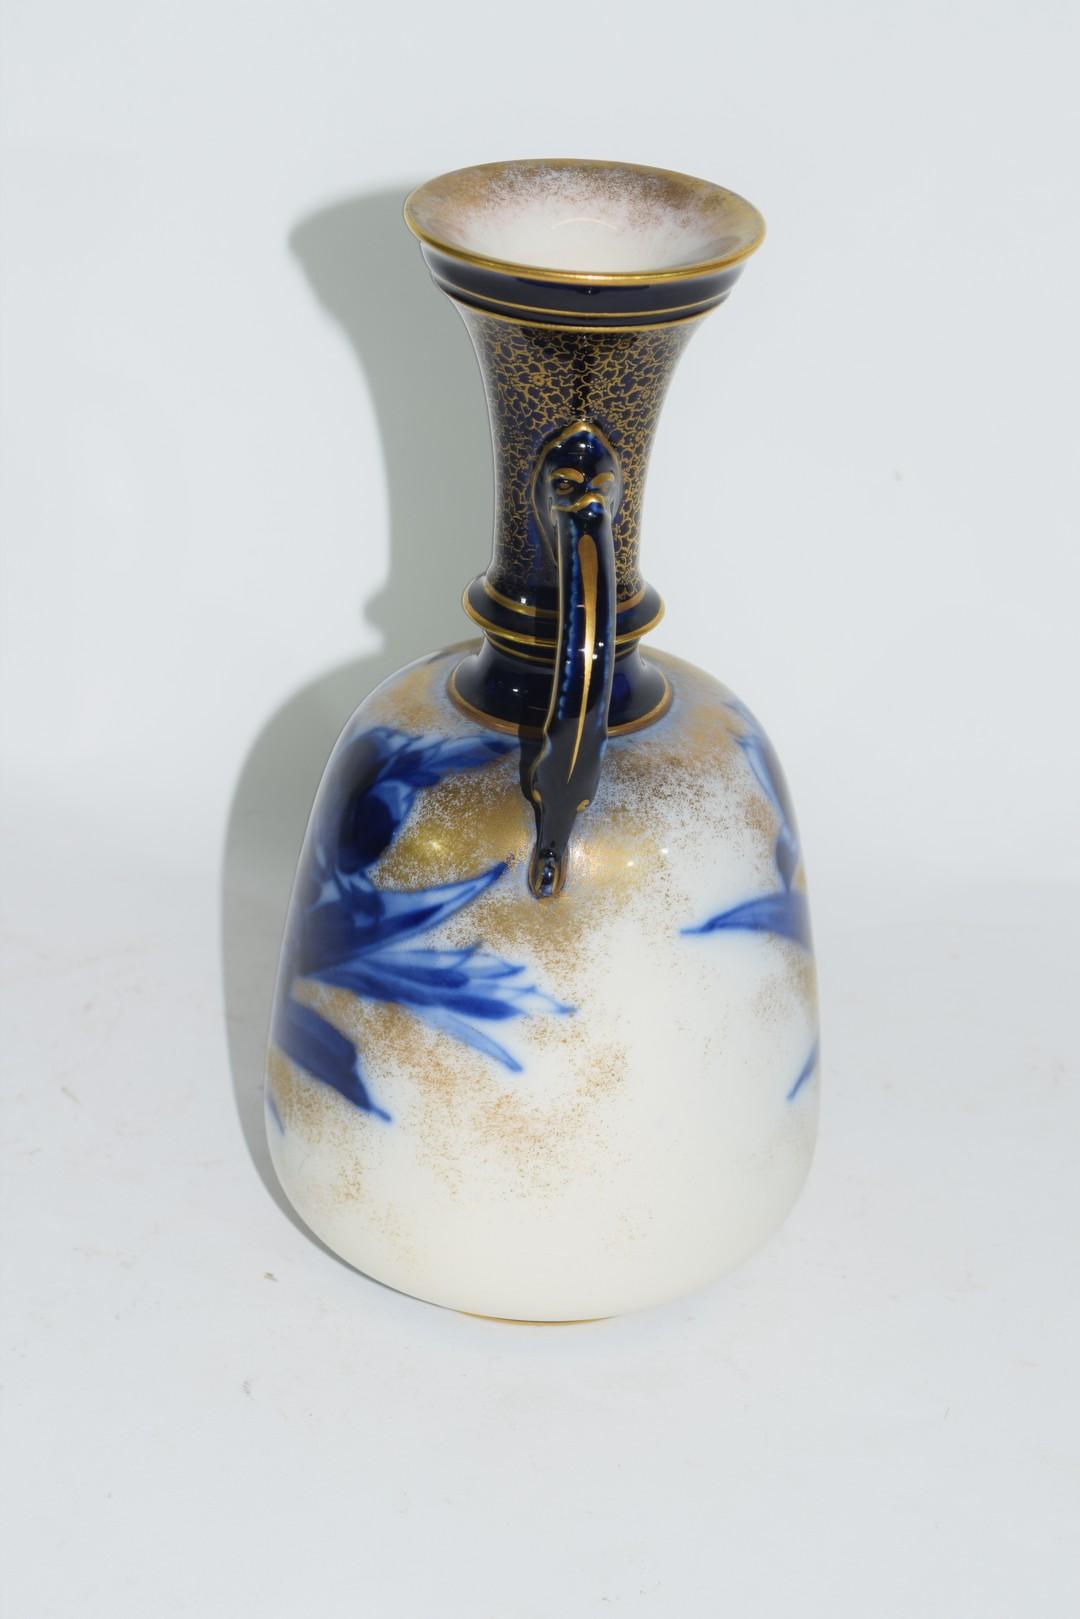 Late 19th century Doulton Burslem ware vase - Image 4 of 6